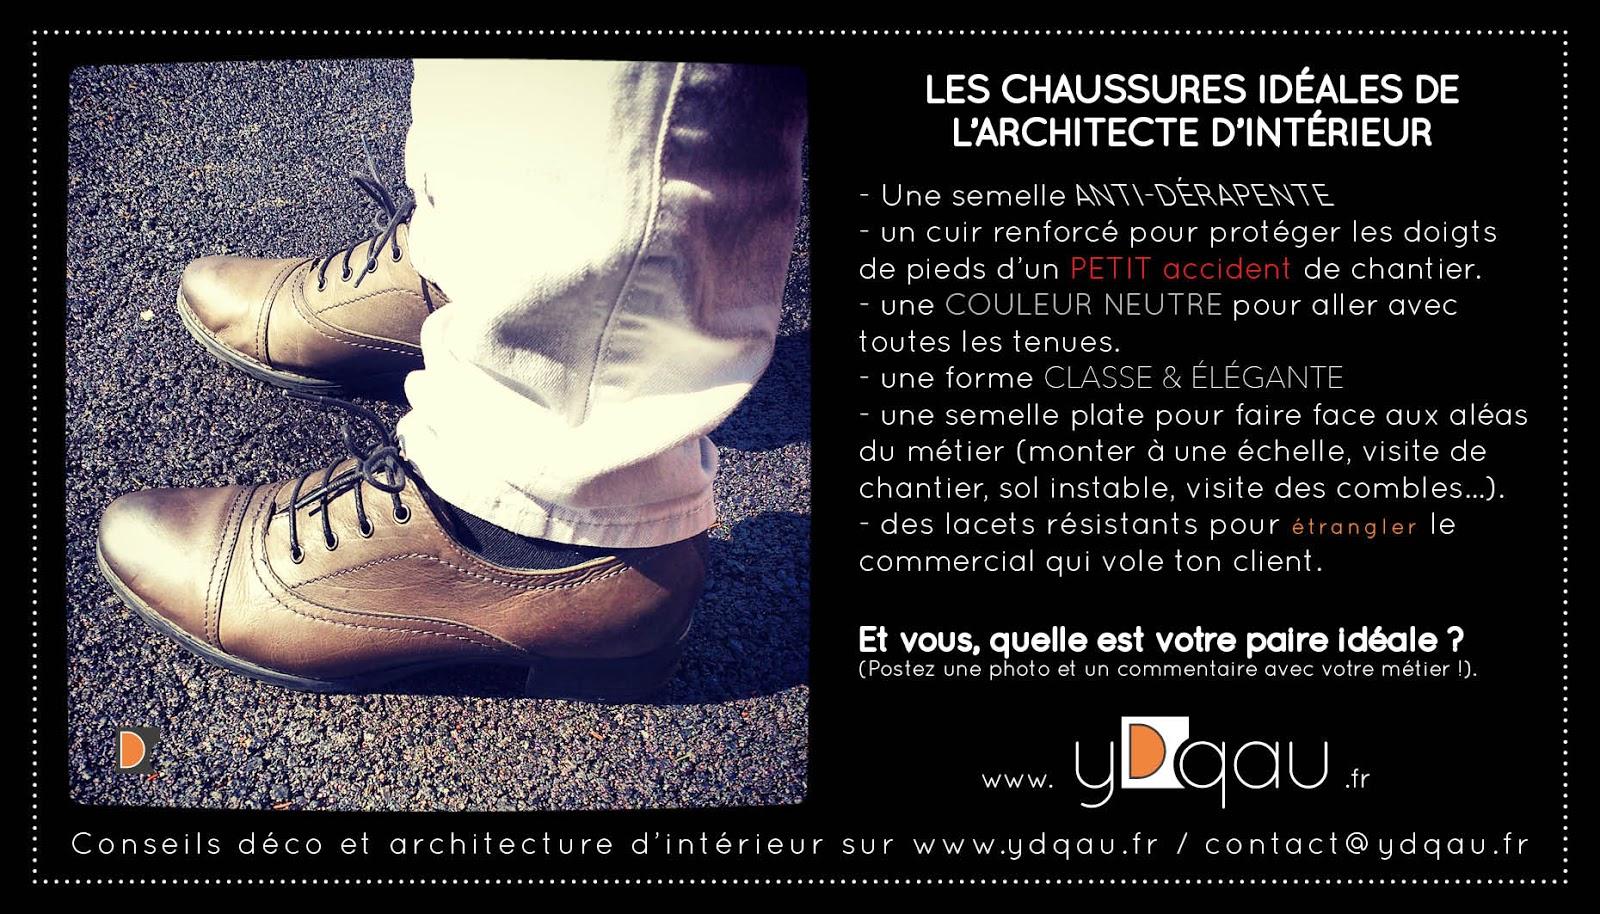 Les Chaussures Idéales De L'architecte D'intérieur